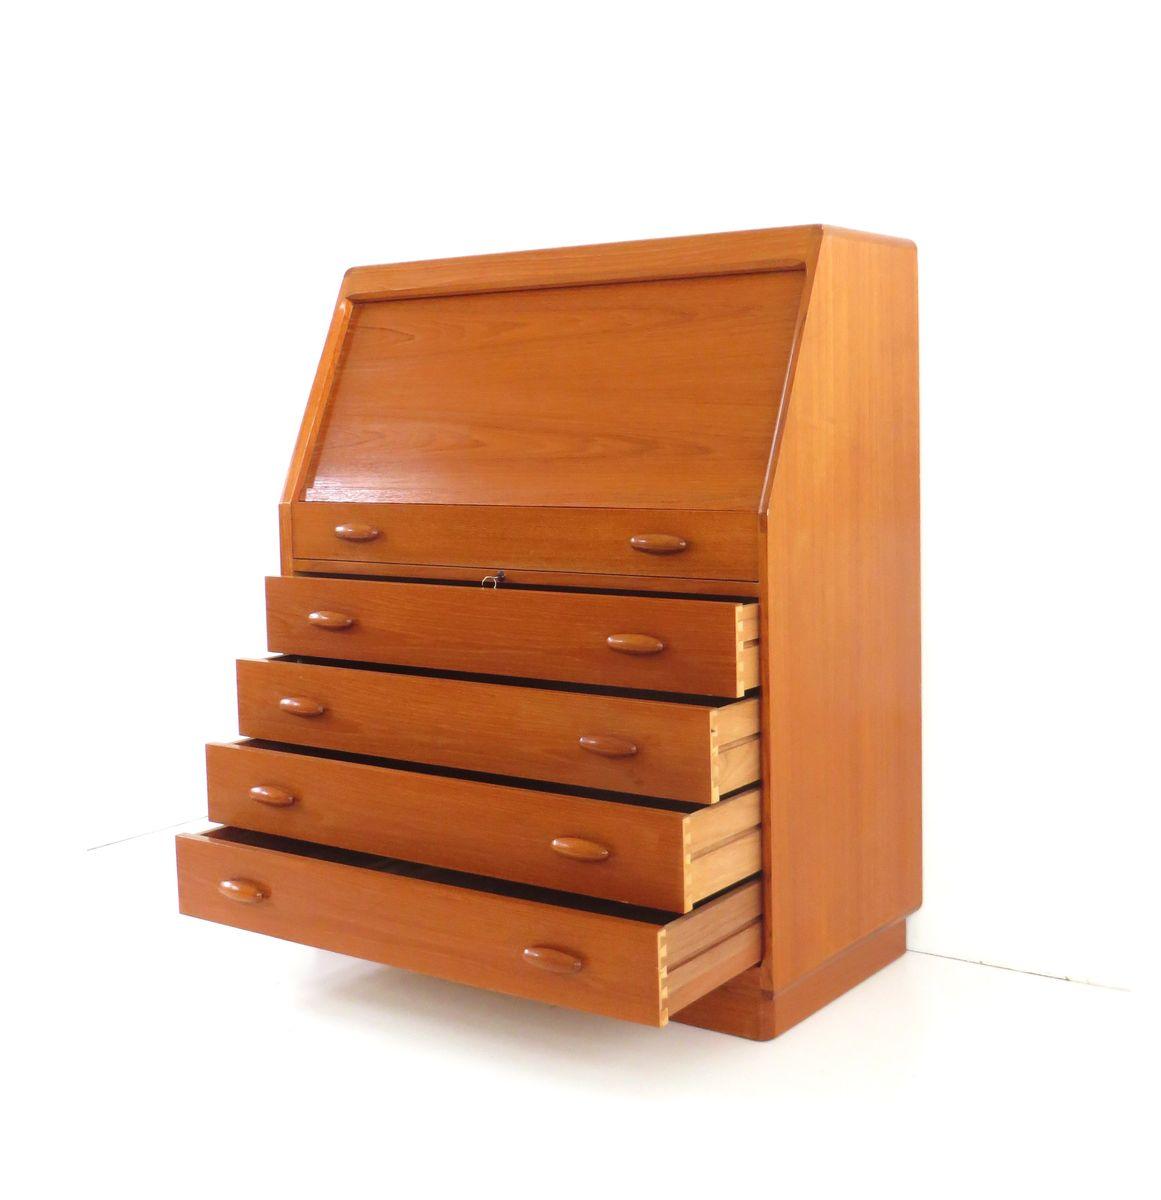 d nischer vintage schreibtisch von dyrlund bei pamono kaufen. Black Bedroom Furniture Sets. Home Design Ideas